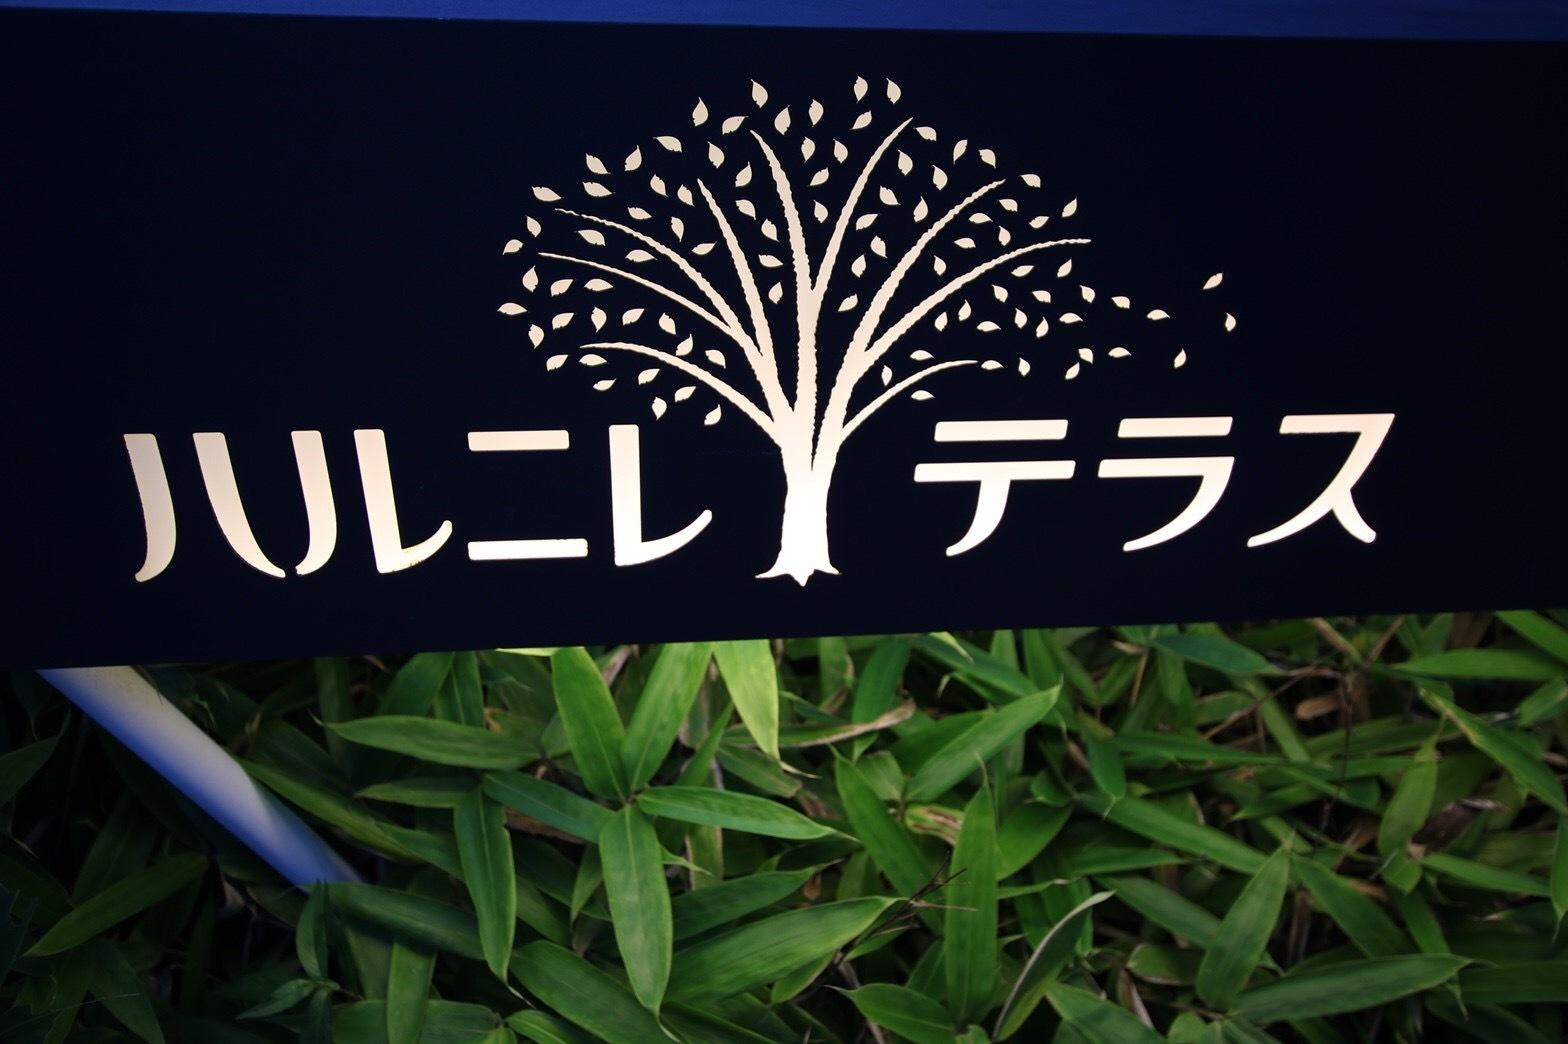 夏の軽井沢はやっぱりいい_a0283796_19280016.jpg